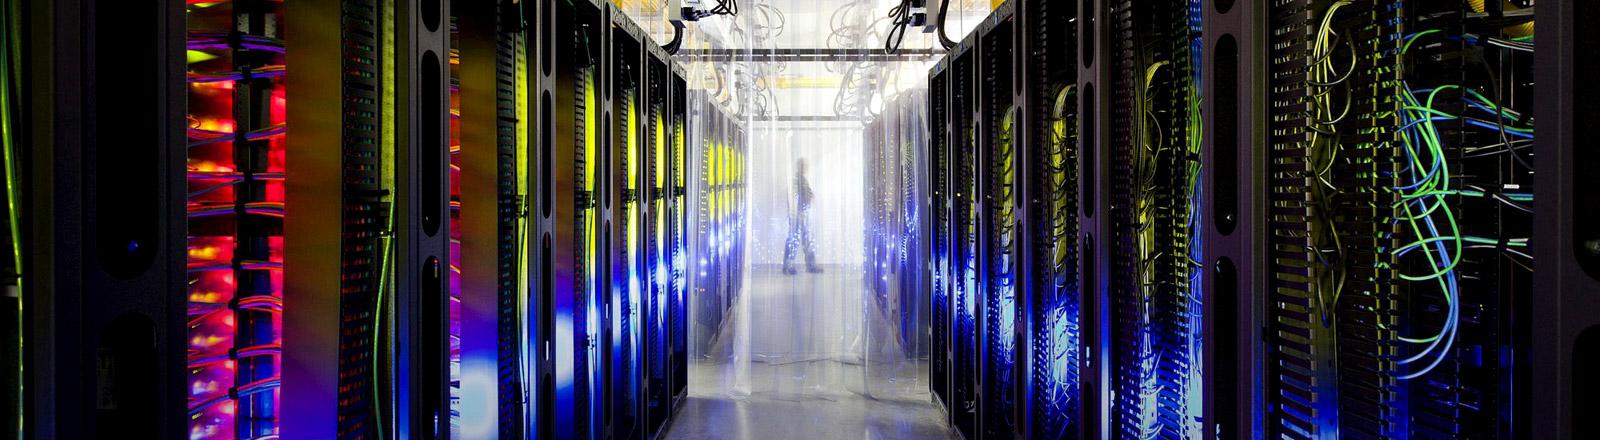 Serverraum von Google